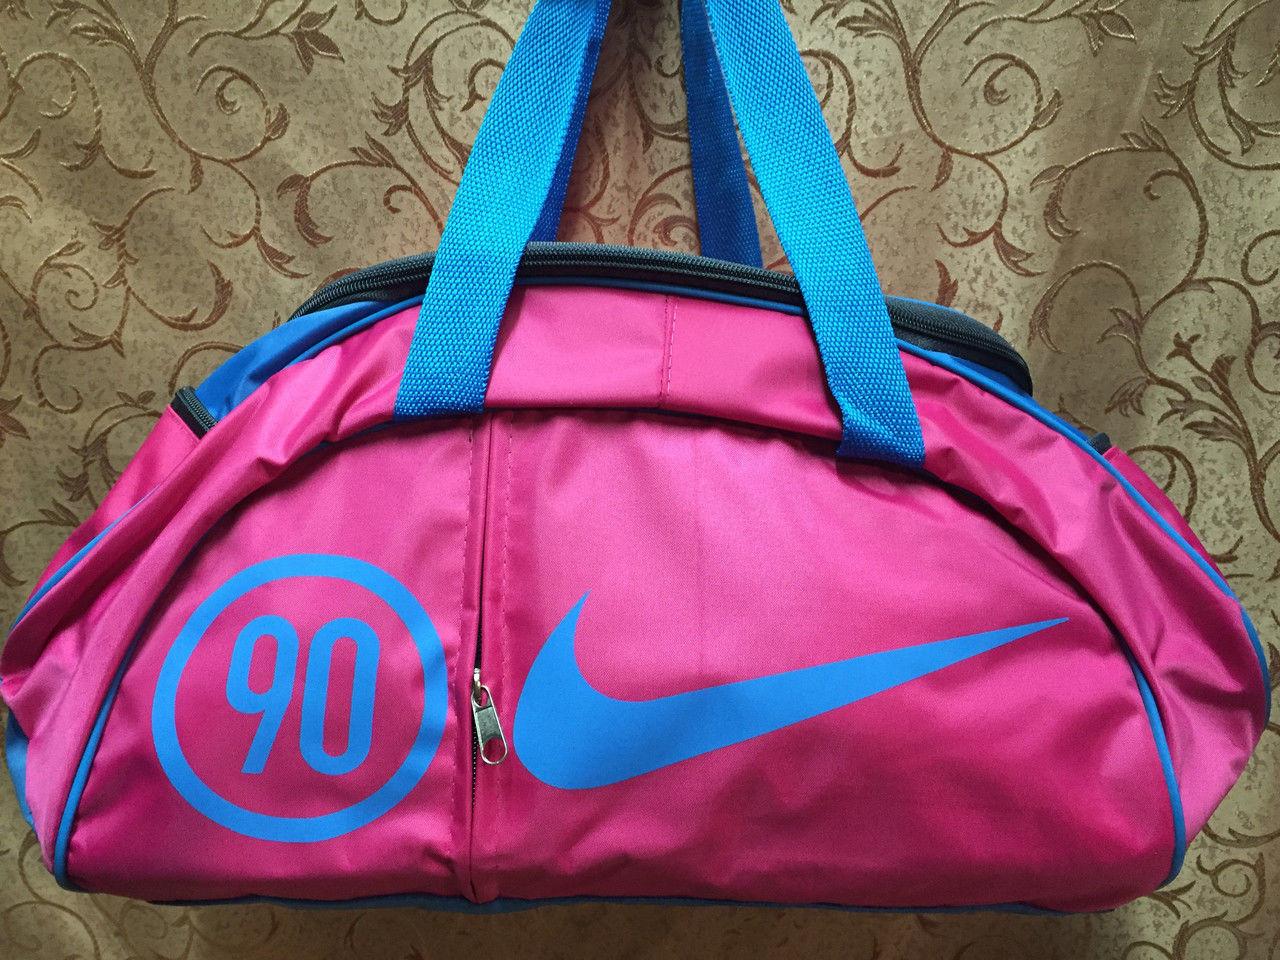 d937c71de094 Спортивная сумка для фитнеса Nike, Найк розовая с голубым - Slava в  Хмельницком